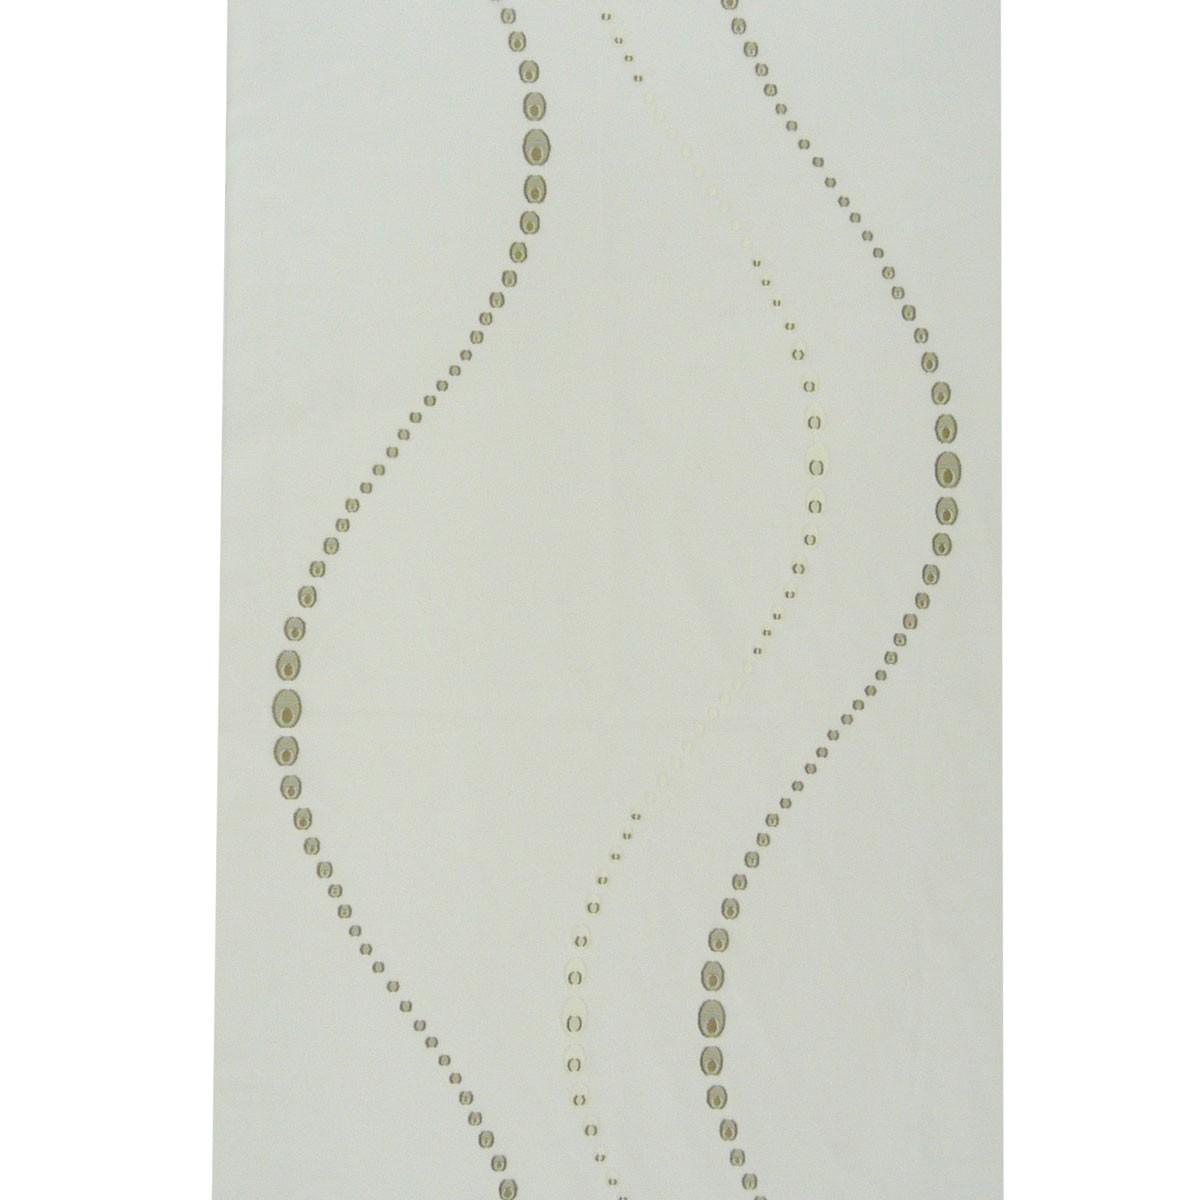 voile stoff gardine paneele meterware scherli stein 60cm breite gardinenstoffe fl chenvorhangstoffe. Black Bedroom Furniture Sets. Home Design Ideas